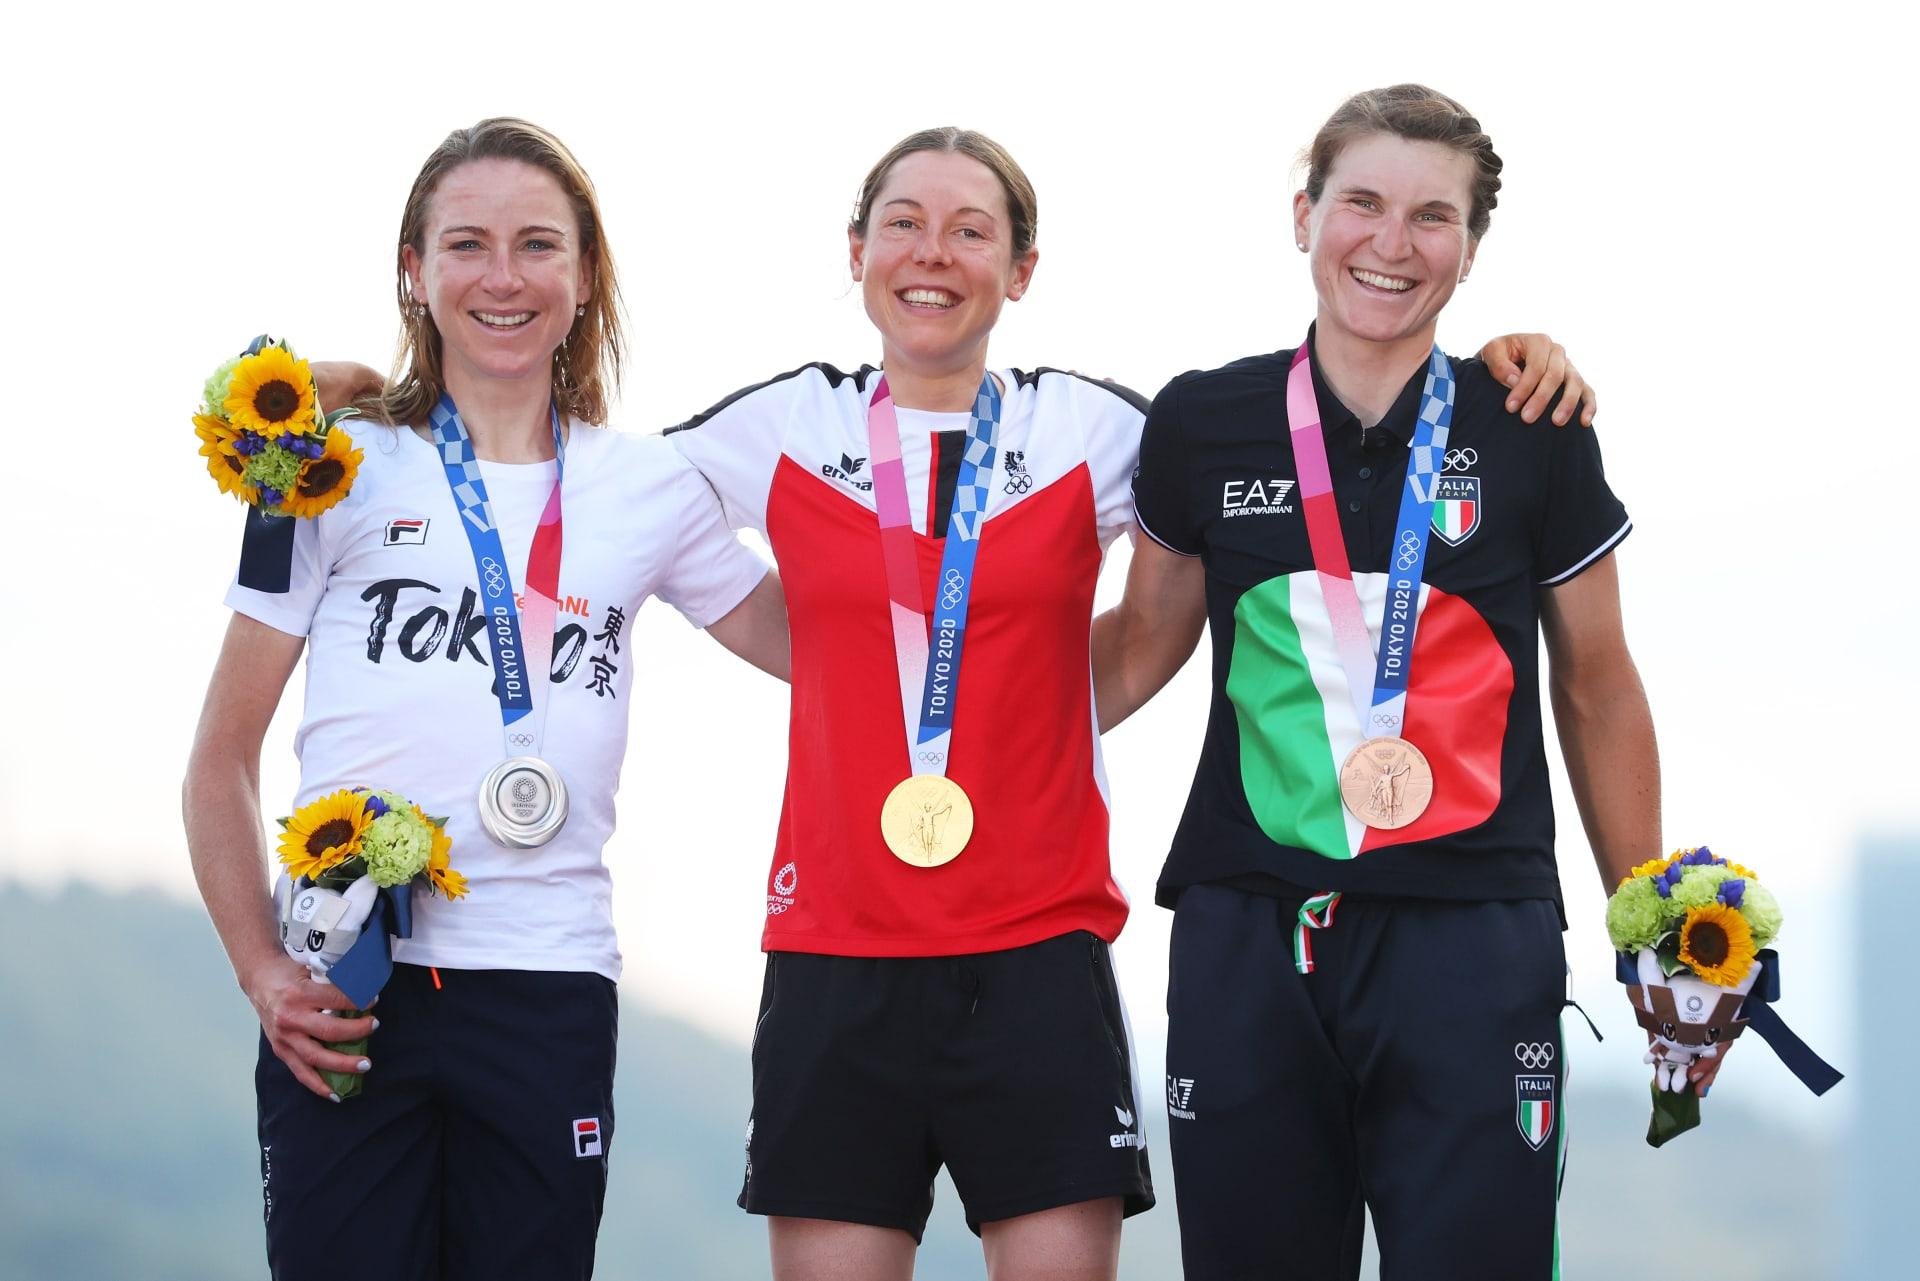 الحائزة على الميدالية الفضية أنيميك فان فليوتن من فريق هولندا (يسار)، الحائزة على الميدالية الذهبية آنا كيسينهوفر من فريق النمسا (وسط)، والحائزة على الميدالية البرونزية إليسا لونغو بورغيني من فريق إيطاليا (يمين)